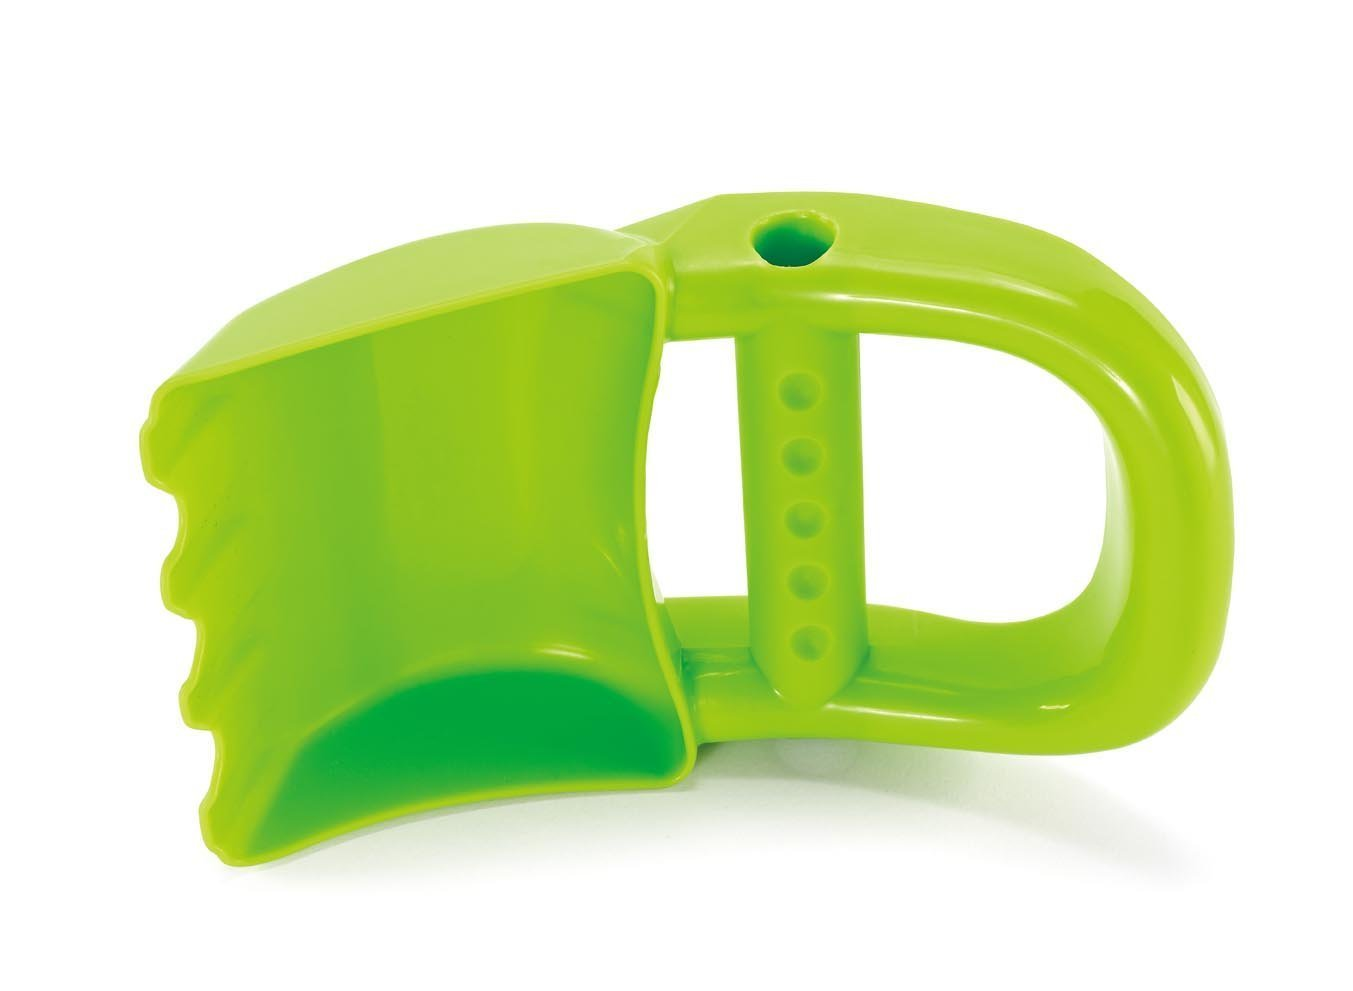 Hape: Hand Digger - Green image